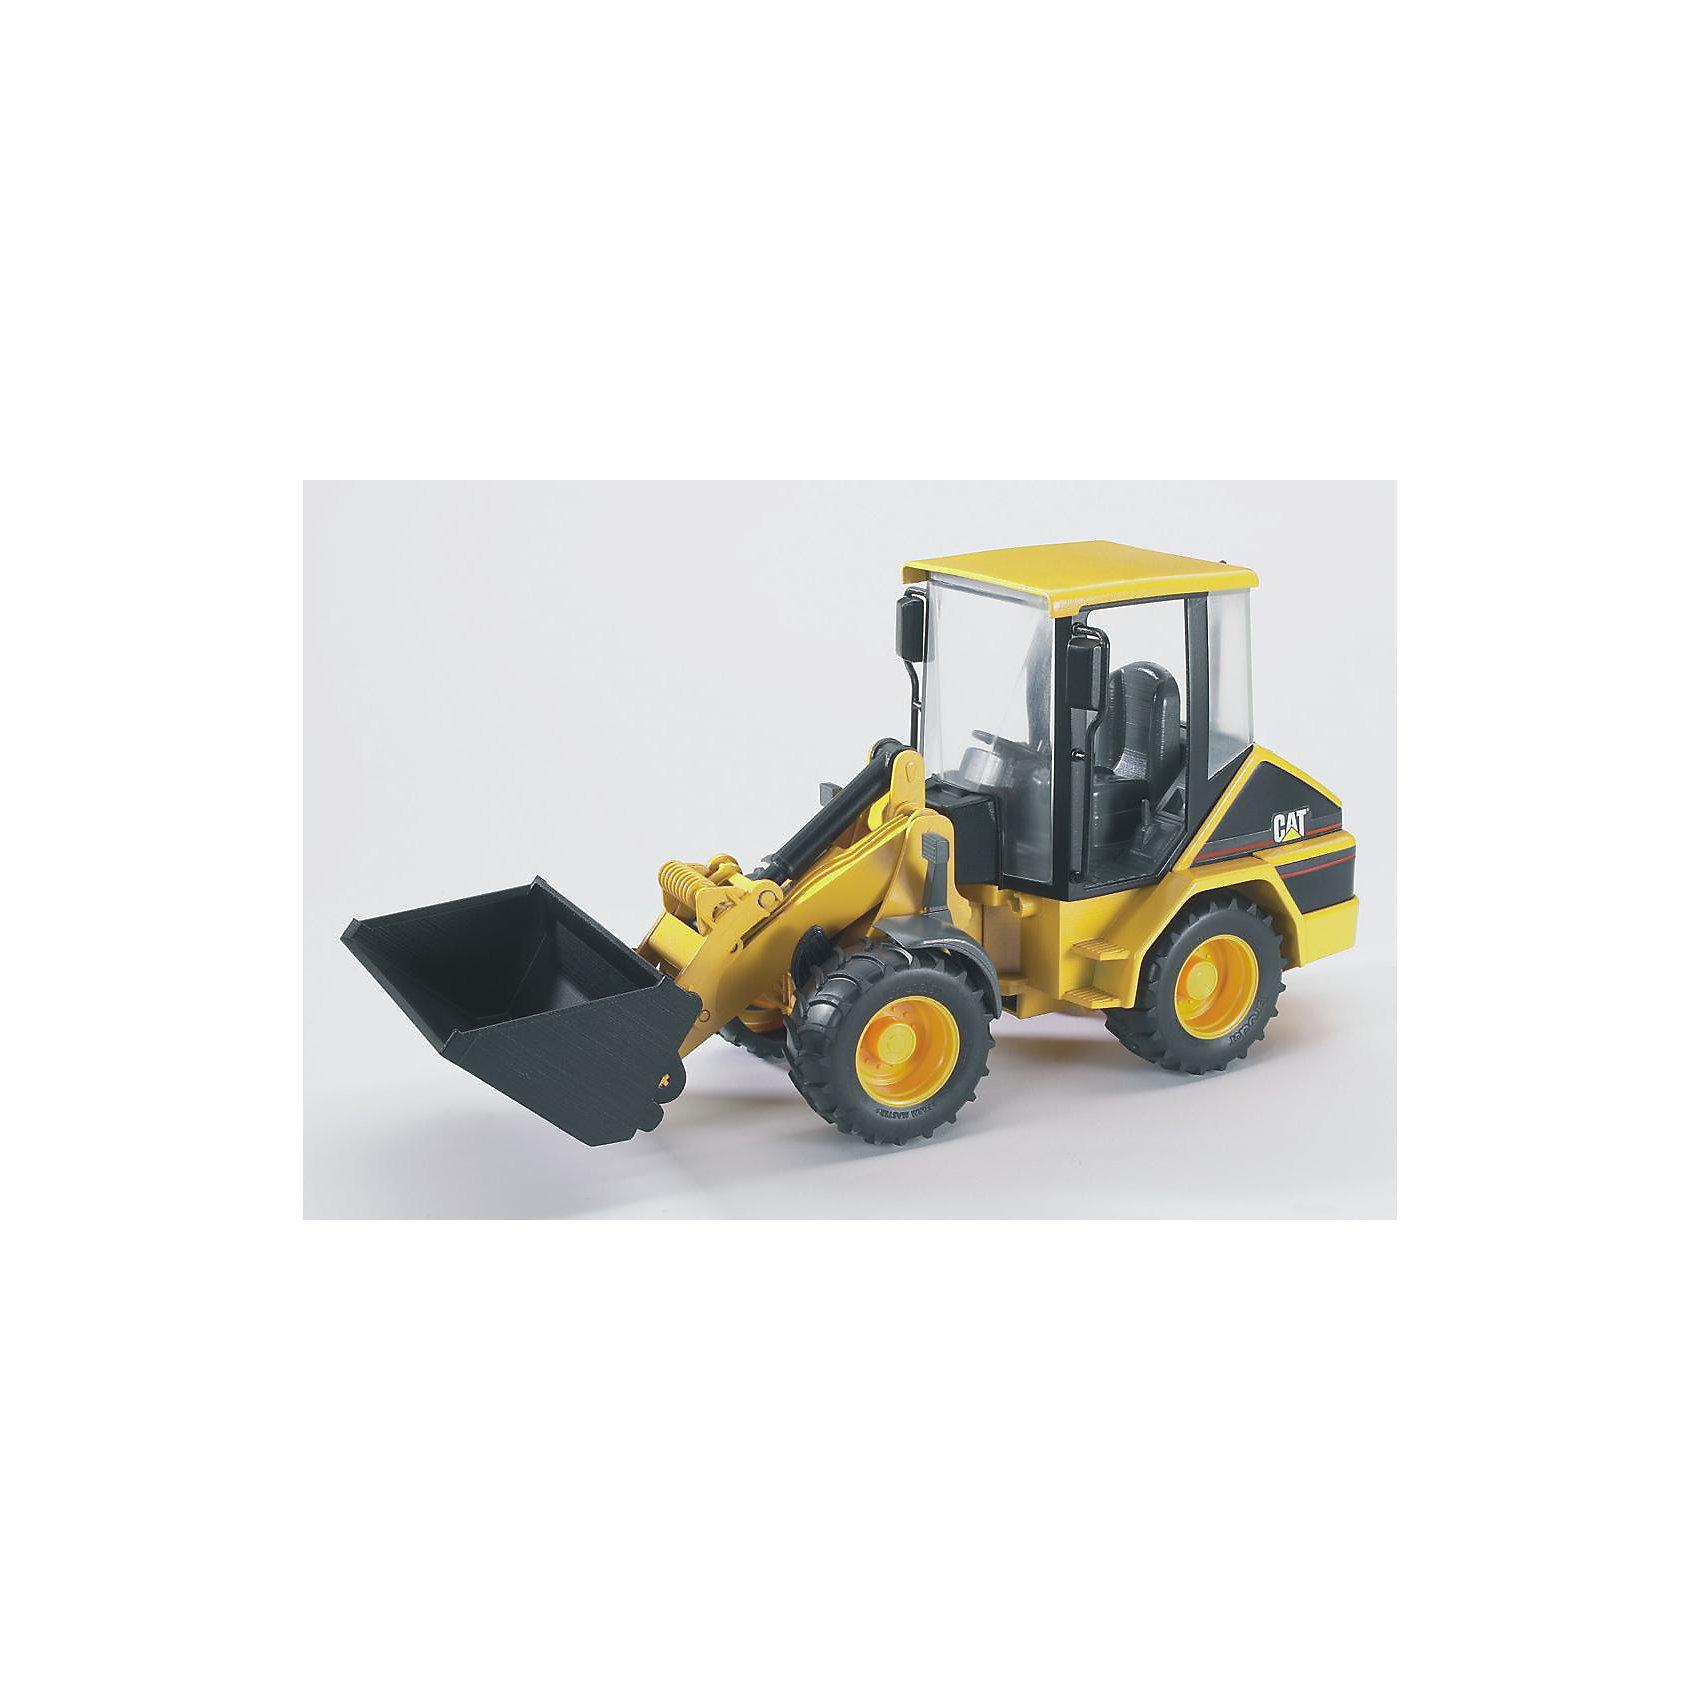 Погрузчик колёсный CAT с ковшом, BruderМашинки<br>Погрузчик колёсный CAT с ковшом, Bruder (Брудер) – это реалистичная копия настоящей машины, выполненная в масштабе 1:16. Удобный, маневренный и компактный погрузчик незаменим в строительстве, в карьерах, в сельском и лесном хозяйстве. С игрушечным погрузчиком можно создавать реальные ситуации благодаря наличию полнофункциональной стрелы и съемного ковша, их можно наклонять с помощью удобного рычага и телескопического механизма. Когда ковш оказывается в нижнем положении, он может собирать сыпучие материалы. Для транспортировки груза предназначено верхнее положение ковша, подъемный механизм при этом будет надежно зафиксирован. Из специальных отсеков сзади выдвигаются опоры, обеспечивая трактору дополнительную устойчивость при работе на грунте.<br><br>Характеристики:<br>-Масштаб: 1:16<br>-Передняя часть поворачивается вместе с ковшом<br>-Стрела фиксируется в разных положениях<br>-Передний ковш съемный, регулируется по высоте и меняет угол наклона<br>-Полноценный руль, который управляет передними колесами<br>-Удобные, гибкие, универсальные компактные шарнирные колеса<br>-Съемное заднее сцепное устройство<br>-Тщательная детализация, в т. ч. внутри кабины<br>-Для расширения игровых возможностей можно использовать дополнительные аксессуары из соответствующей серии Брудер<br><br>Дополнительная информация:<br>-Материалы: пластмасса ABS, резина<br>-Размеры в упаковке: 34х12х16 см<br>-Вес в упаковке: 640 г<br><br>Погрузчик колёсный CAT с ковшом, Bruder (Брудер) -- отличная игрушка для самых разных сюжетно-ролевых игр, поможет Вашему ребенку познакомиться с увлекательным миром техники!<br><br>Погрузчик колёсный CAT с ковшом, Bruder (Брудер) можно купить в нашем магазине.<br><br>Ширина мм: 382<br>Глубина мм: 182<br>Высота мм: 160<br>Вес г: 653<br>Возраст от месяцев: 36<br>Возраст до месяцев: 96<br>Пол: Мужской<br>Возраст: Детский<br>SKU: 1471075